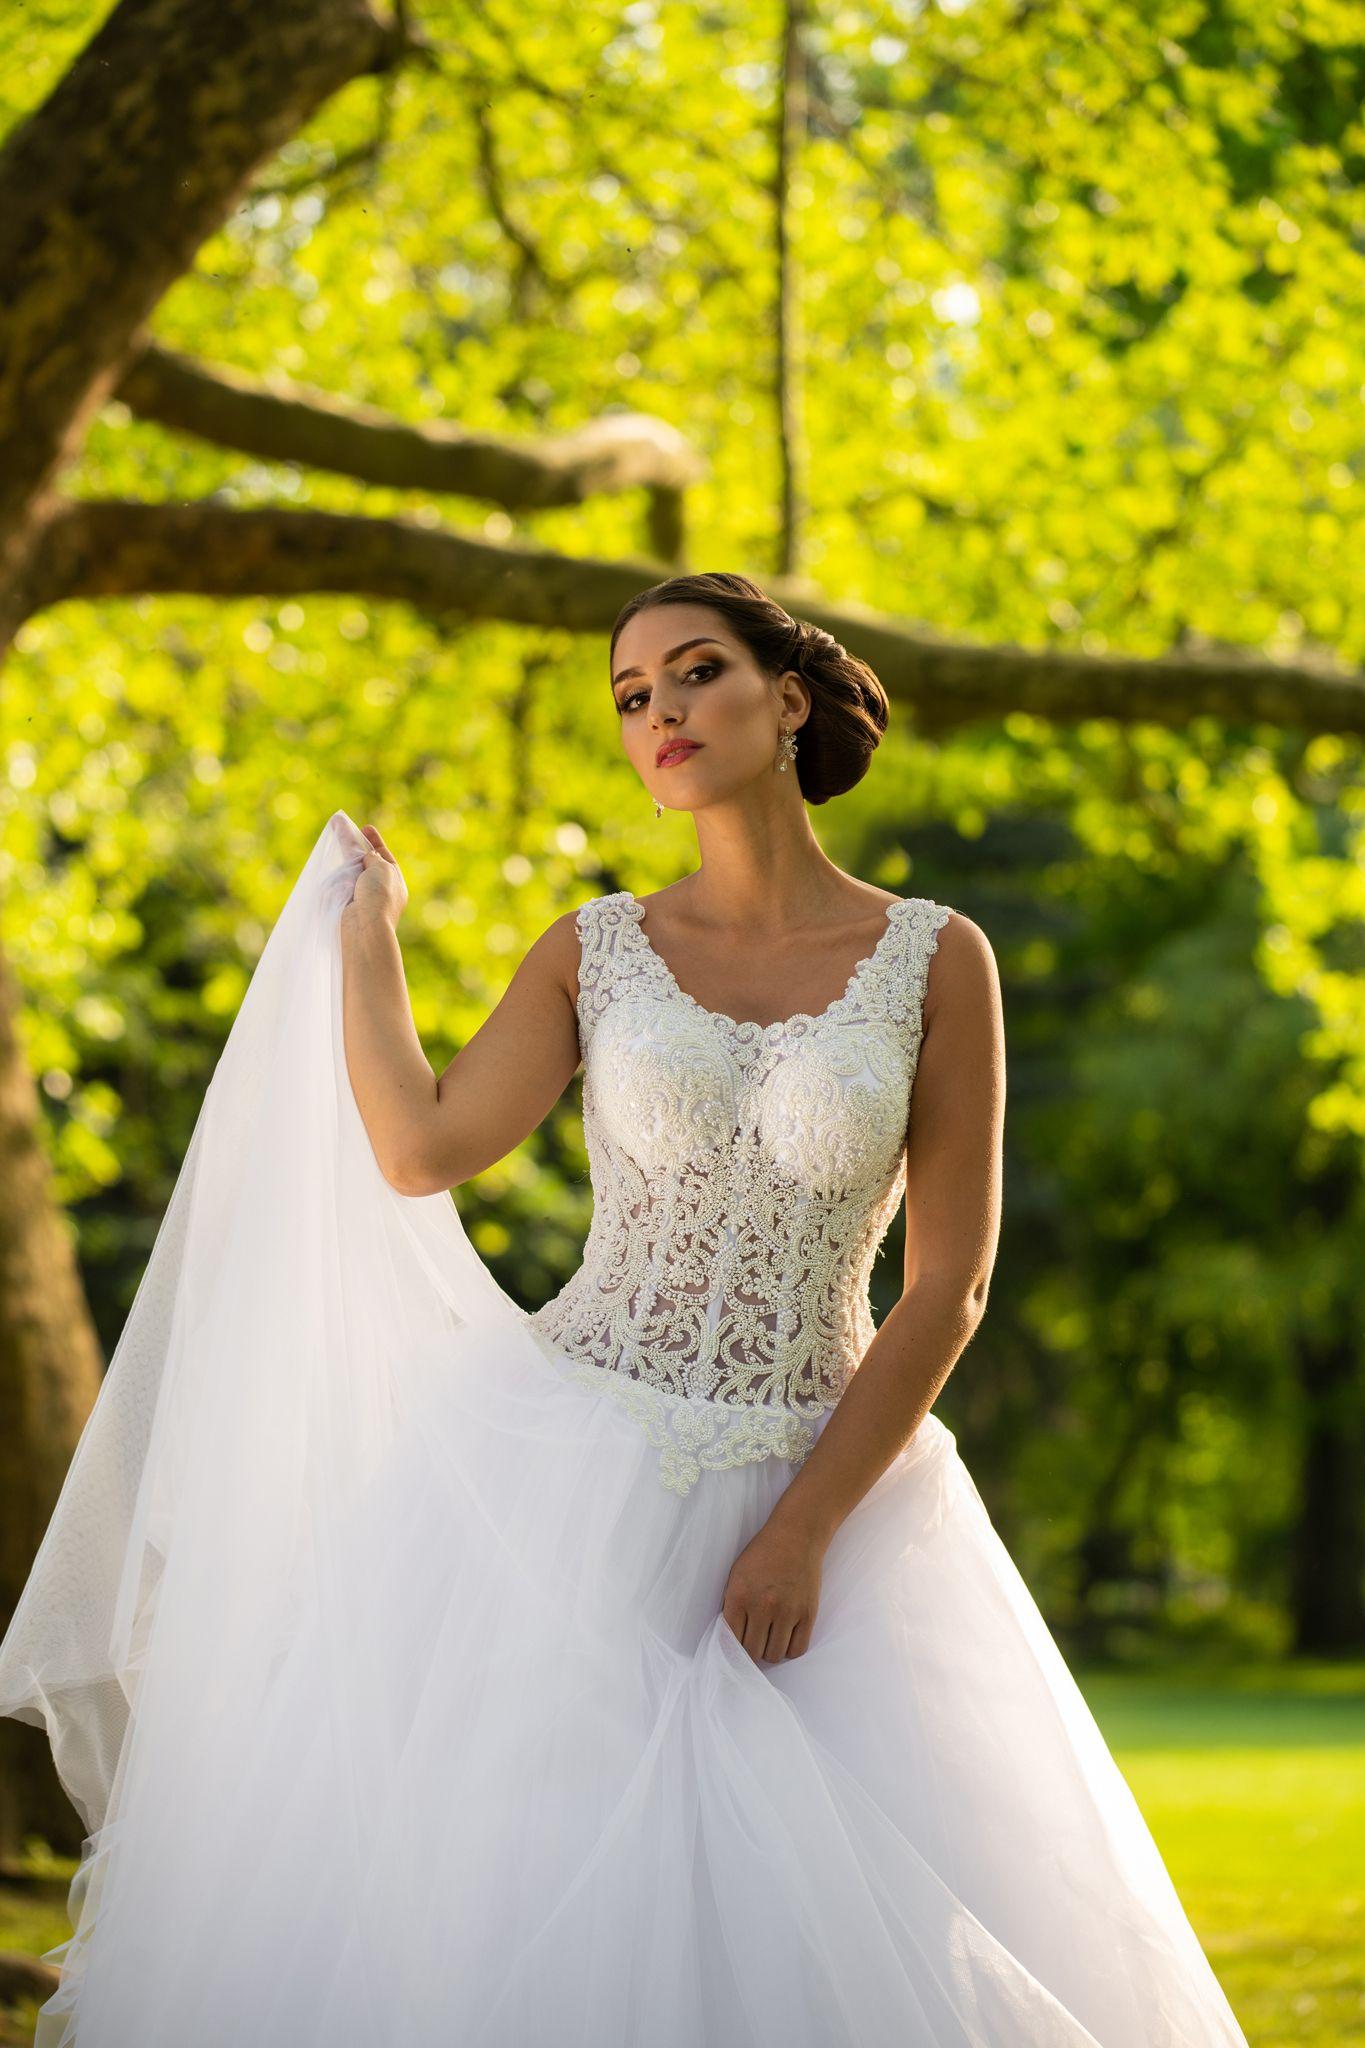 gerinc menyasszonyok